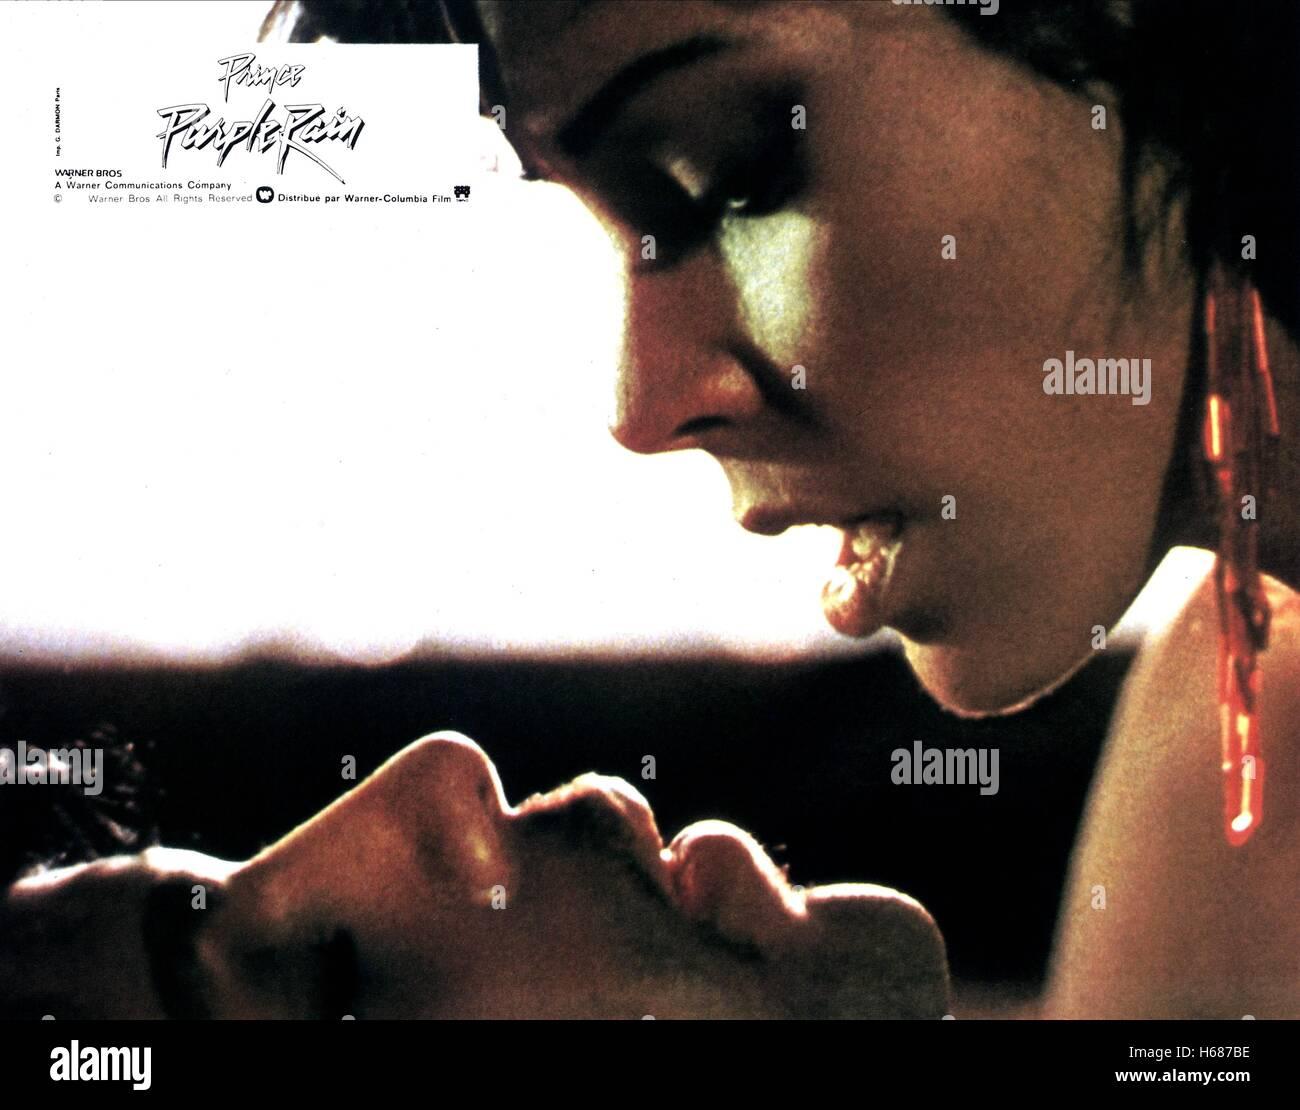 PRINCE, APOLLONIA KOTERO, Purple Rain, 1984 Stockbild